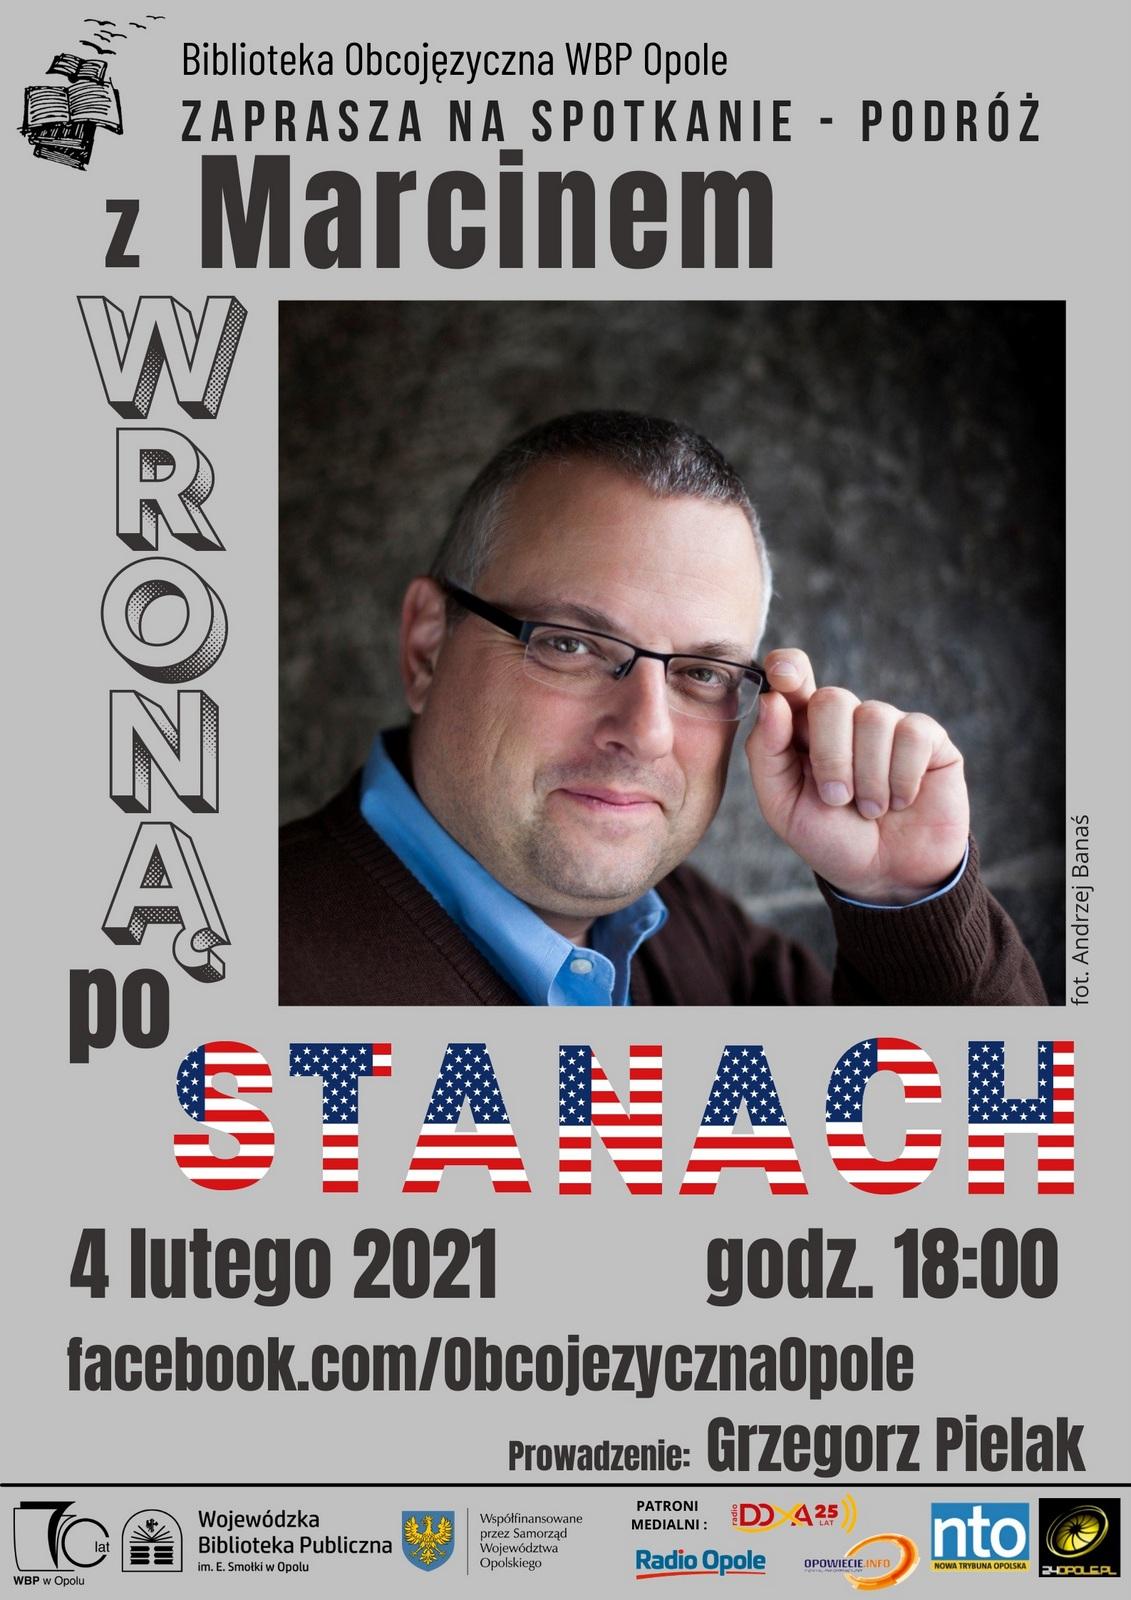 Spotkanie z Marcinem Wroną